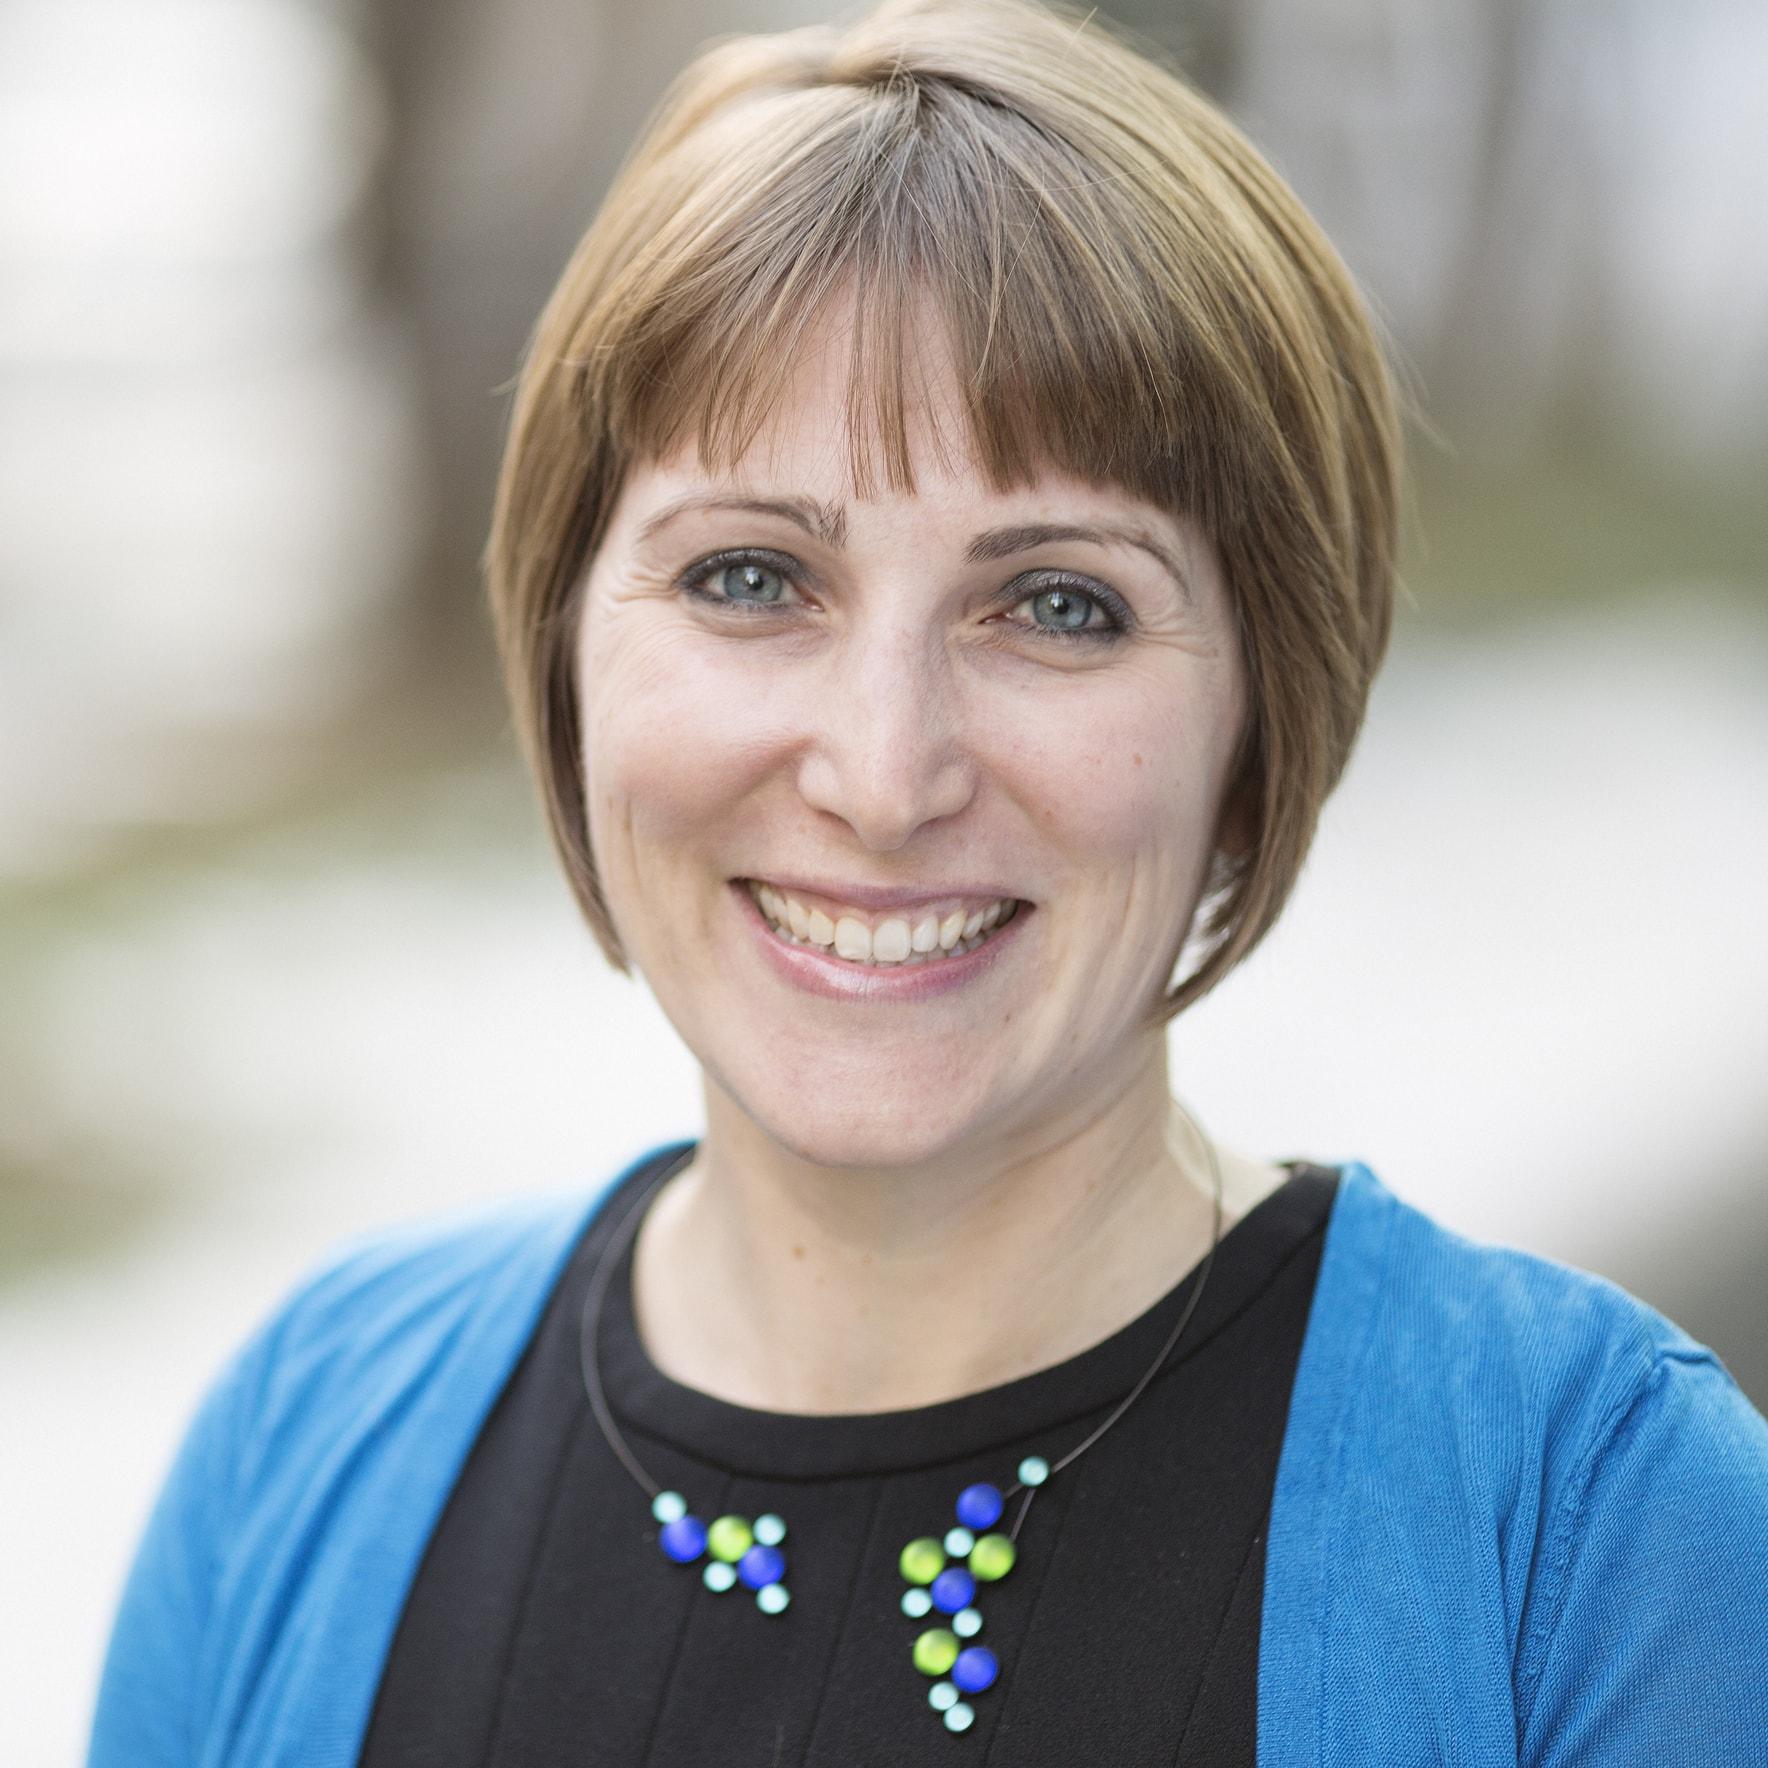 Sarah Beaulieu - Founder of The Uncomfortable Conversation